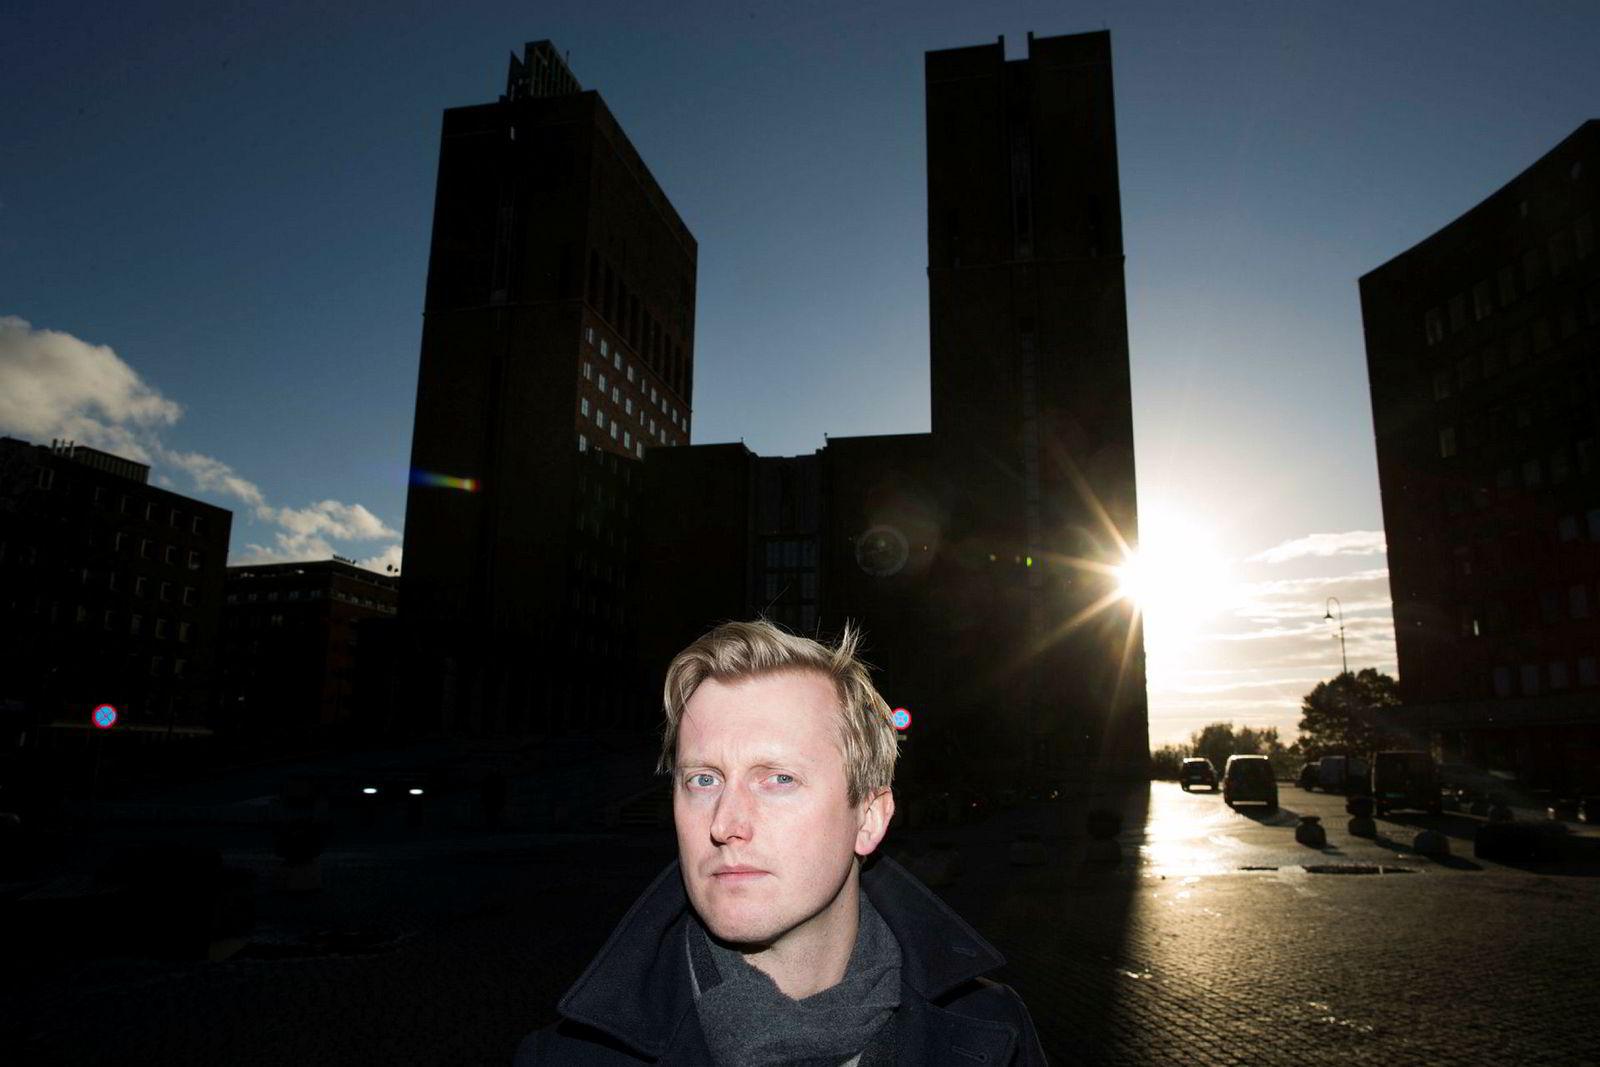 Høyres finanspolitiske talsmann Øystein Sundelin risikerer å arve skattekravet fra dagens byråd, dersom det blir nytt byråd etter valget i 2019.